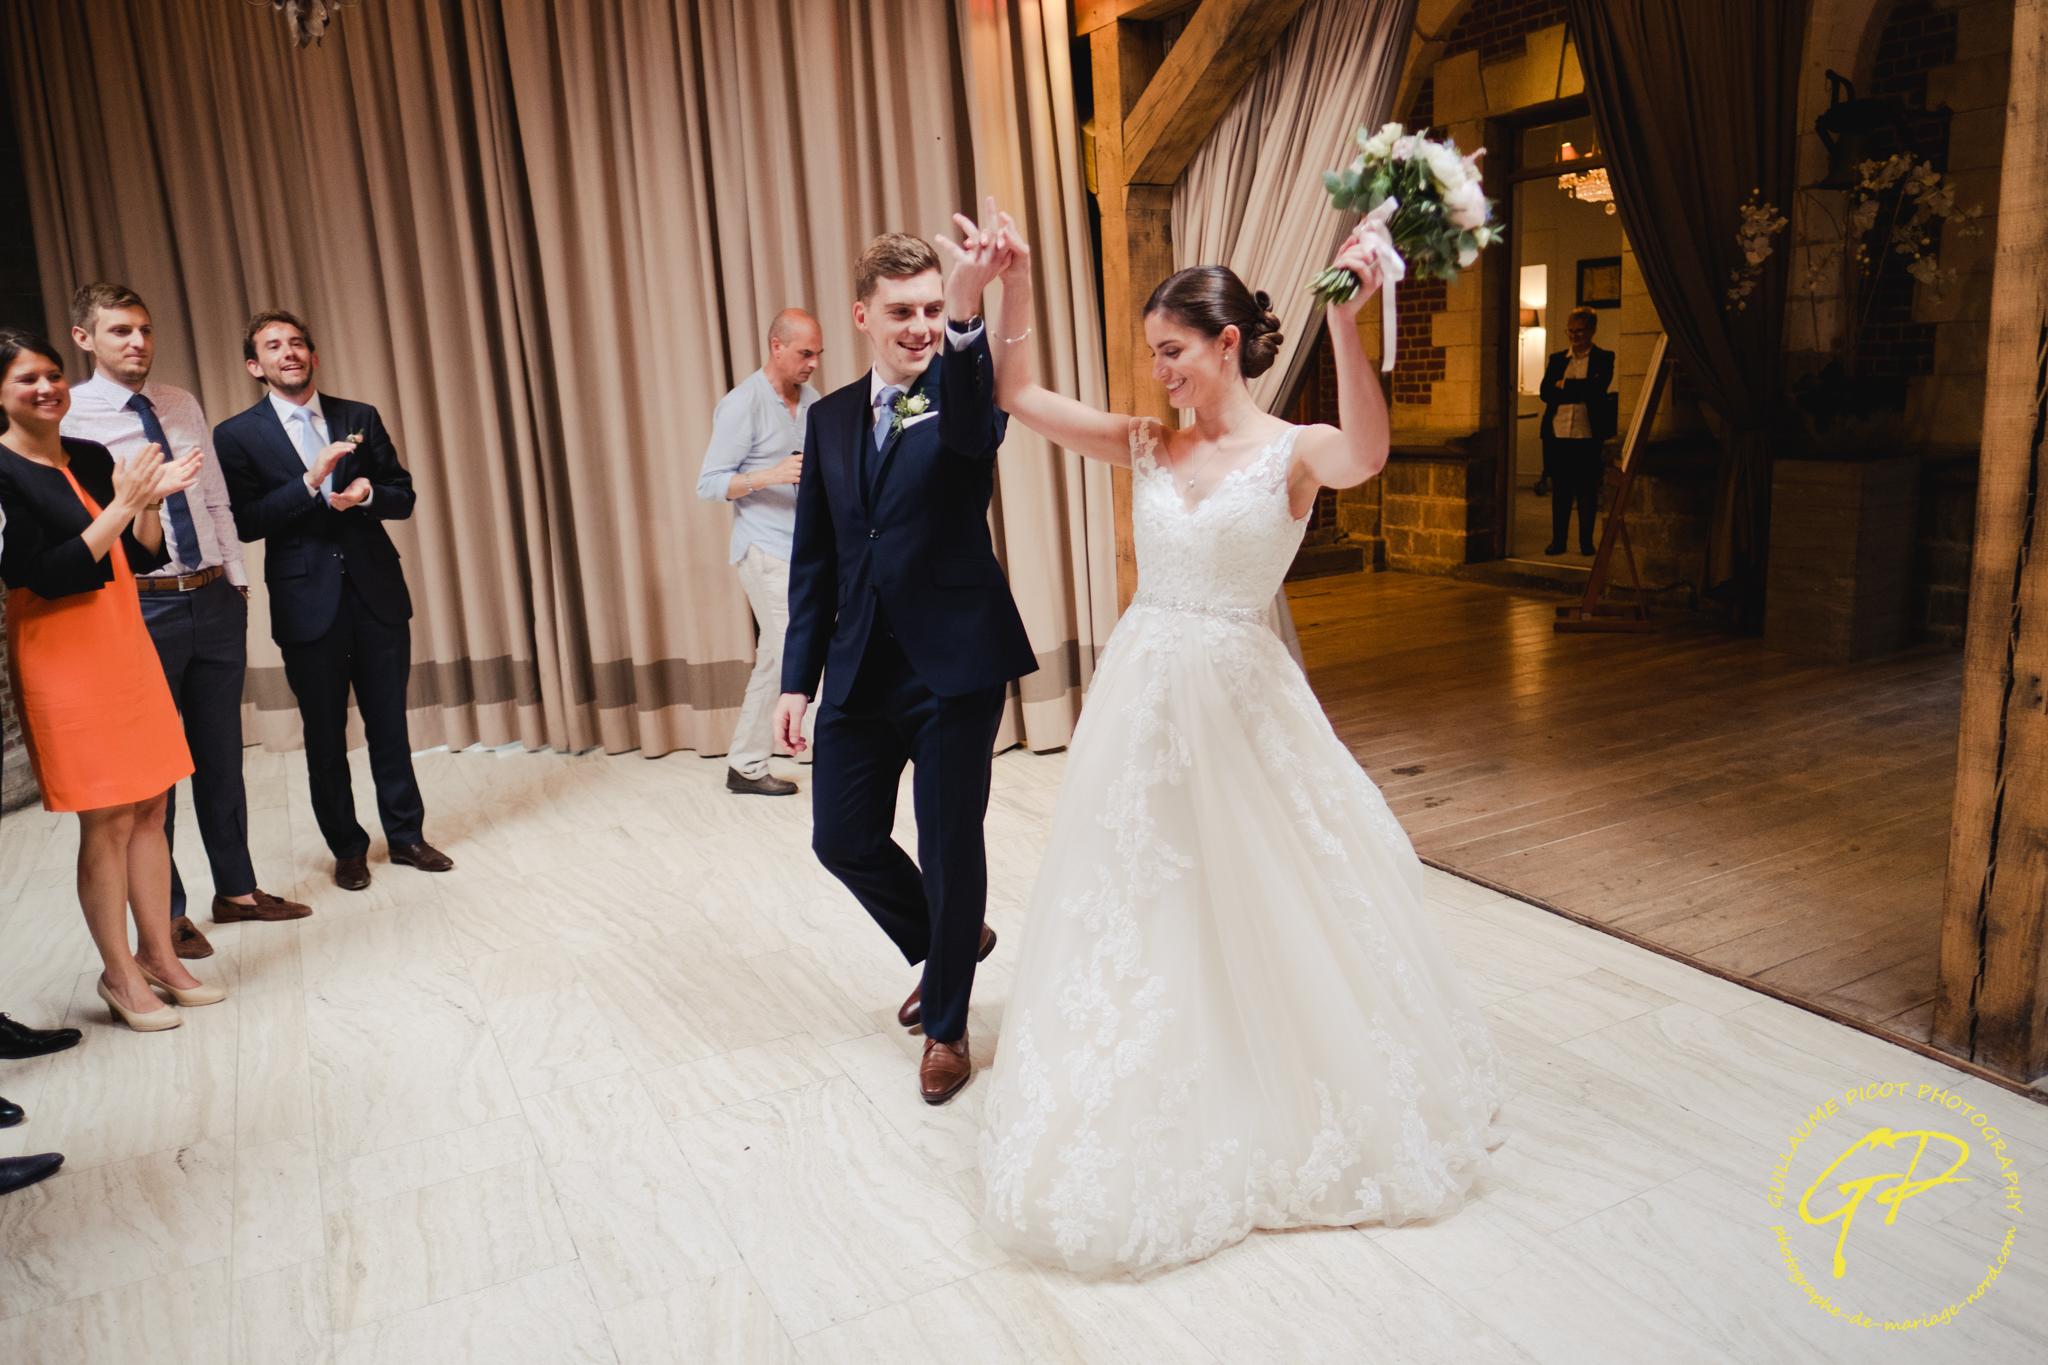 mariage chateau du biez pecq (107 sur 156)